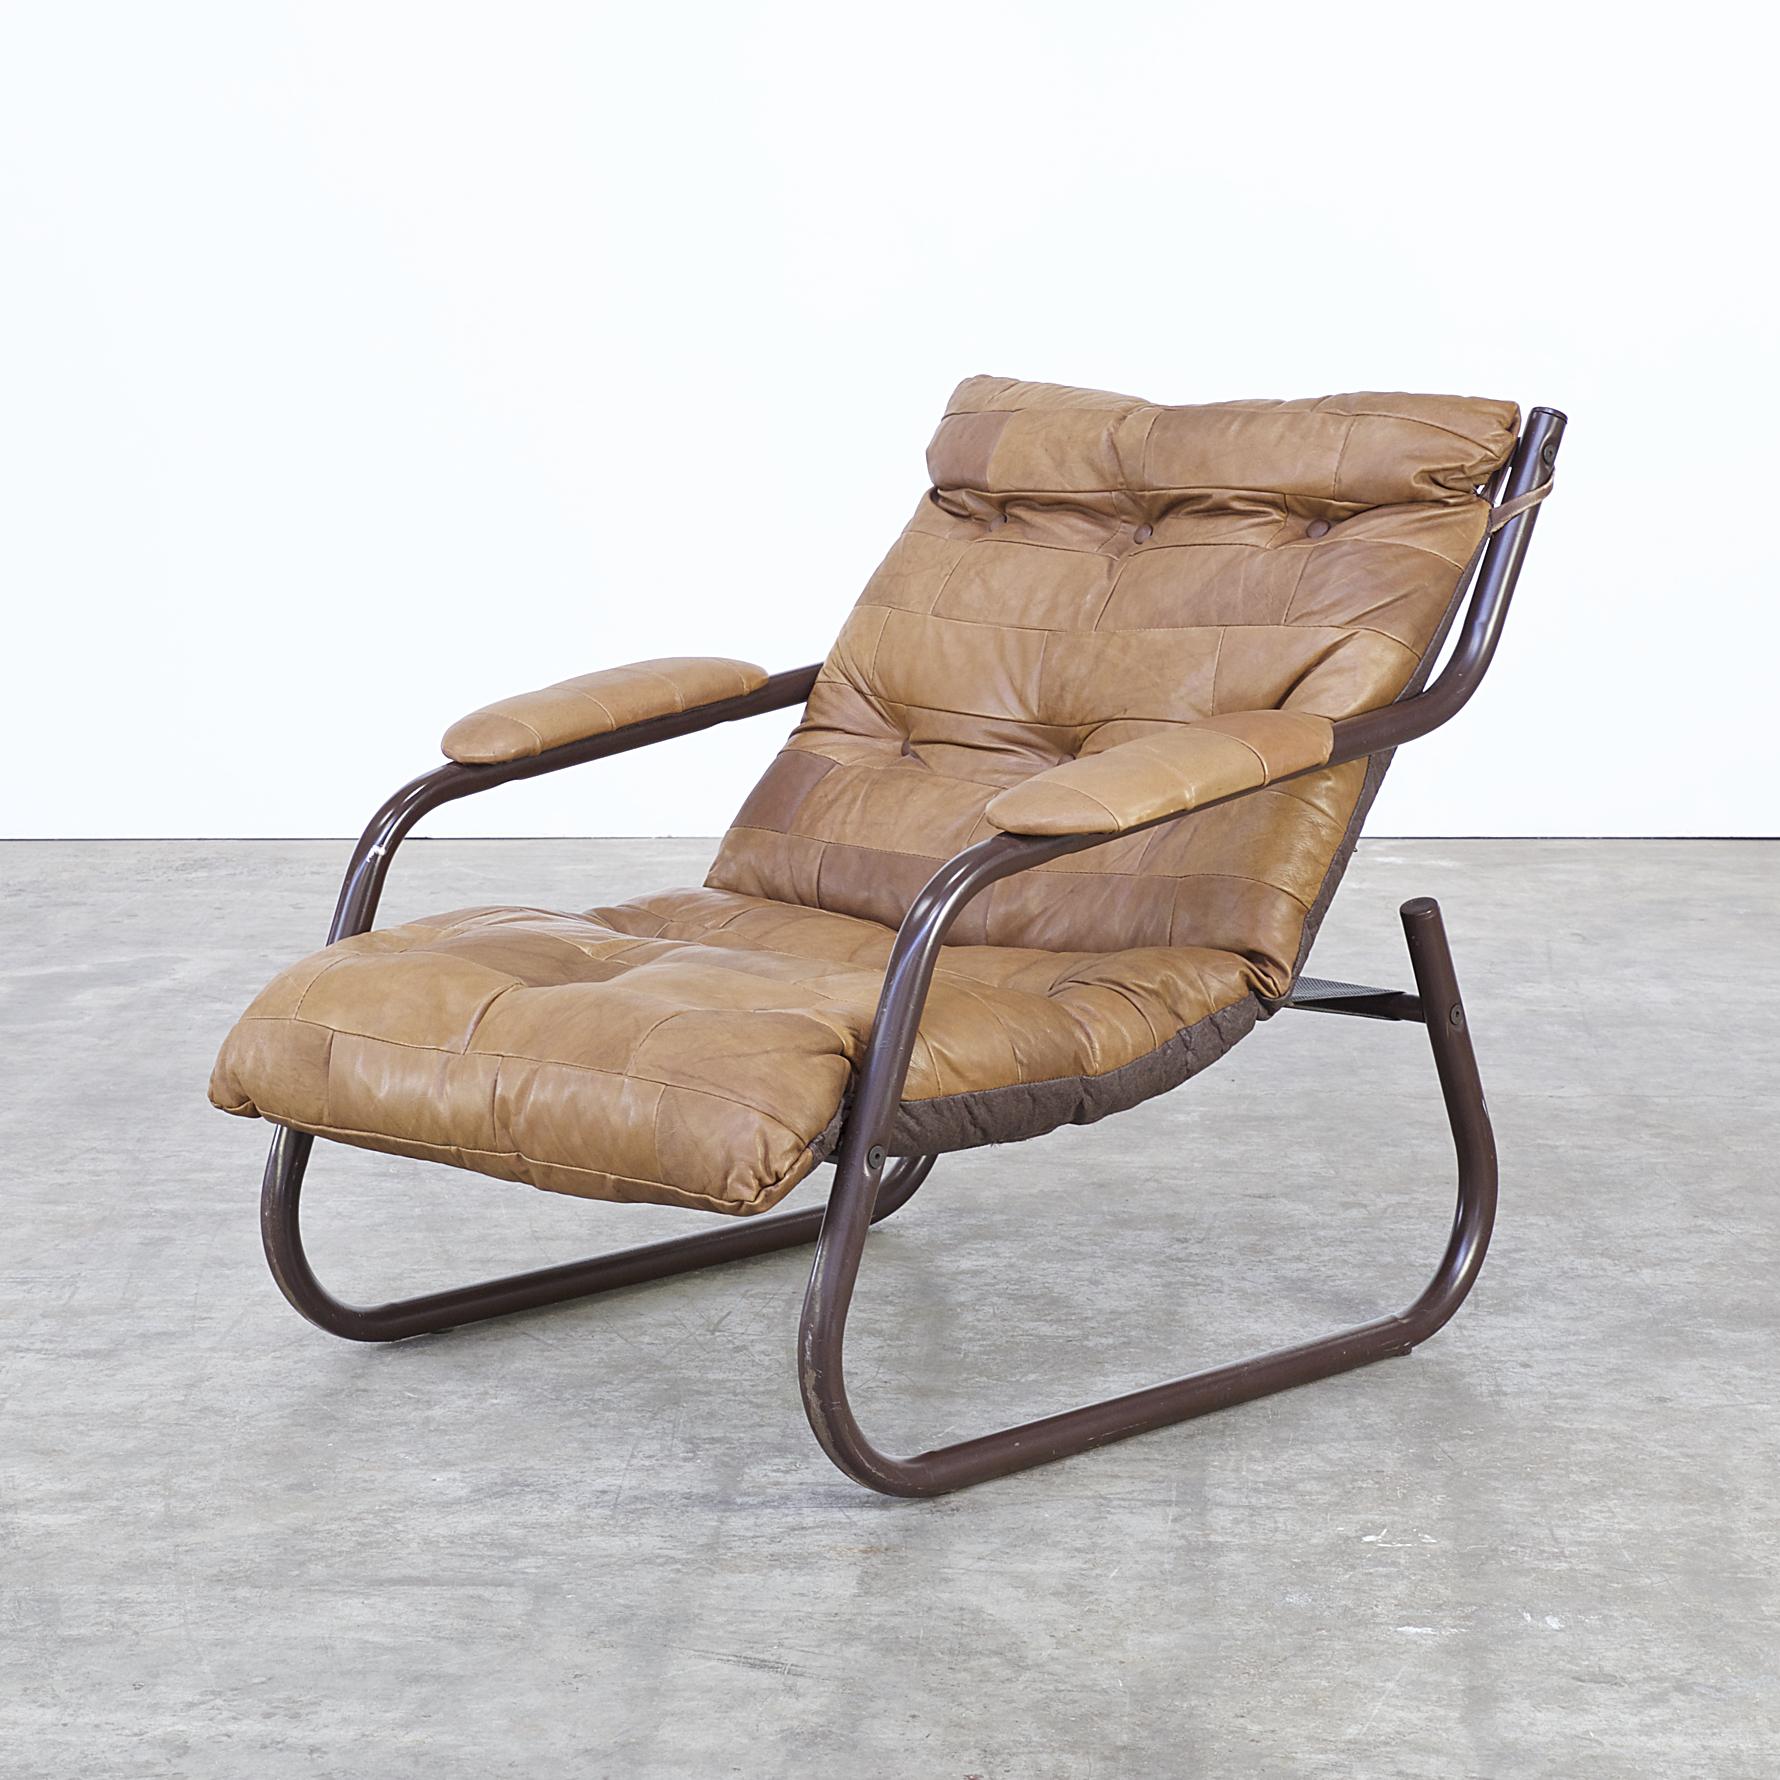 0915037ZF patchwork leather fauteuil vintage retro barbmama 001 Résultat Supérieur 50 Beau Fauteuil Retro Photos 2017 Kae2